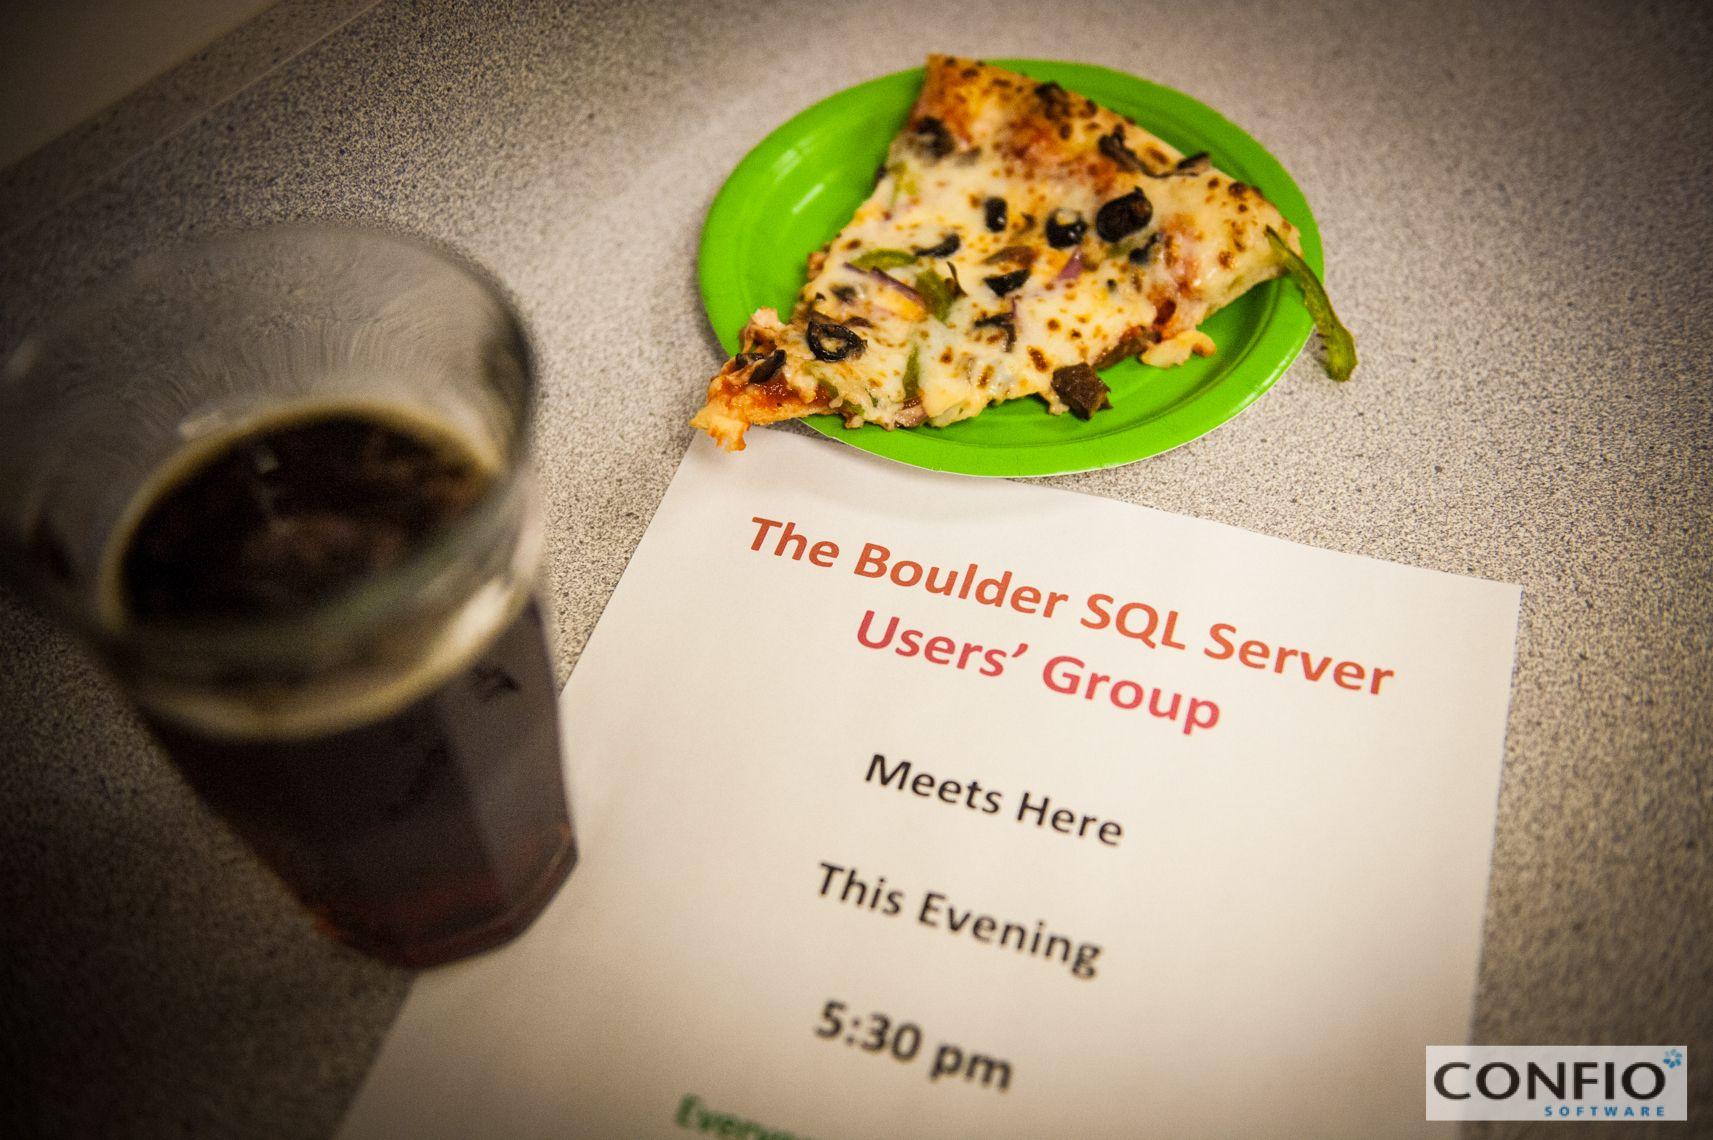 Boulder SQL